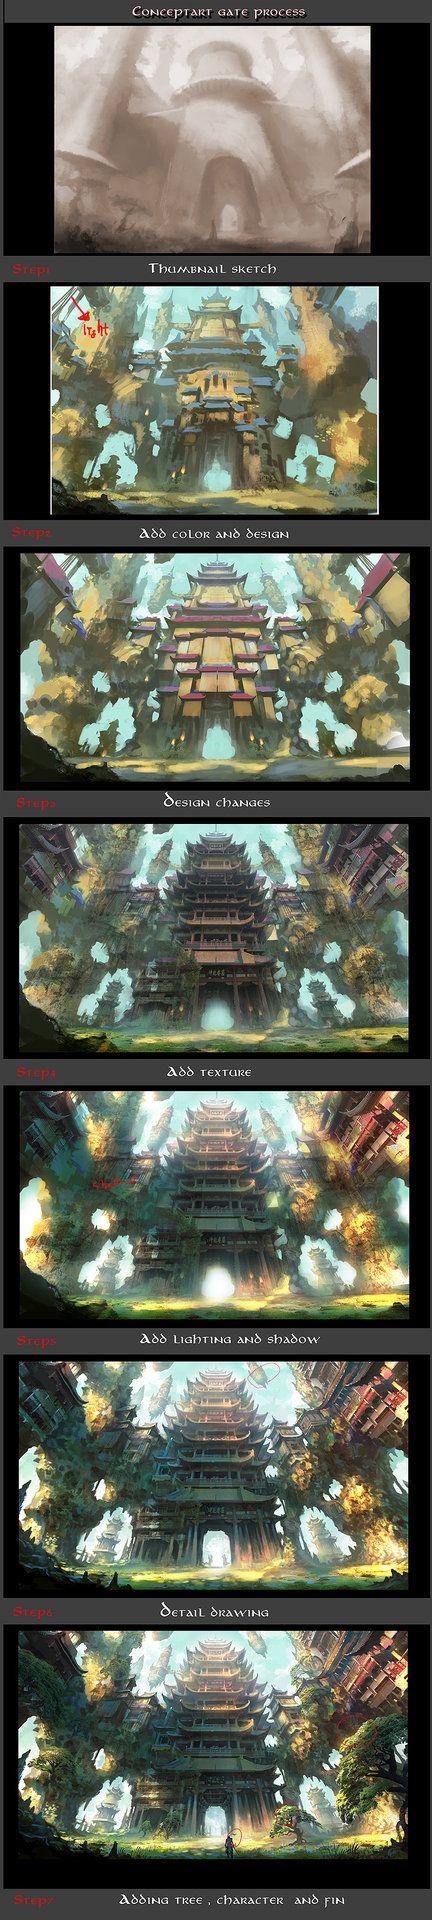 ArtStation - Concept art process- gate , Il su Ko